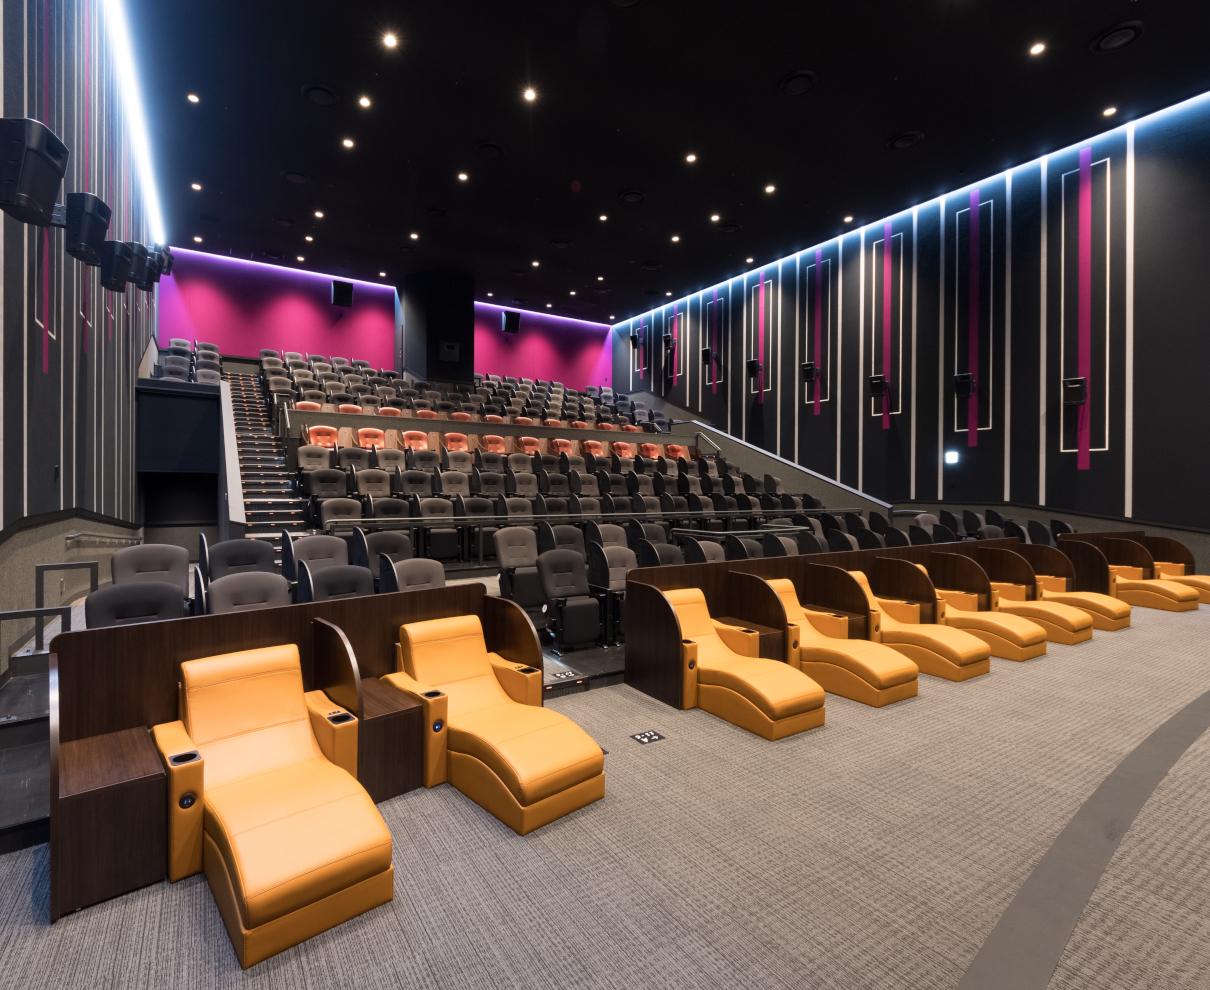 「イオンシネマ白山」誕生! 安心・安全の劇場で極上の映画体験を味わおう。